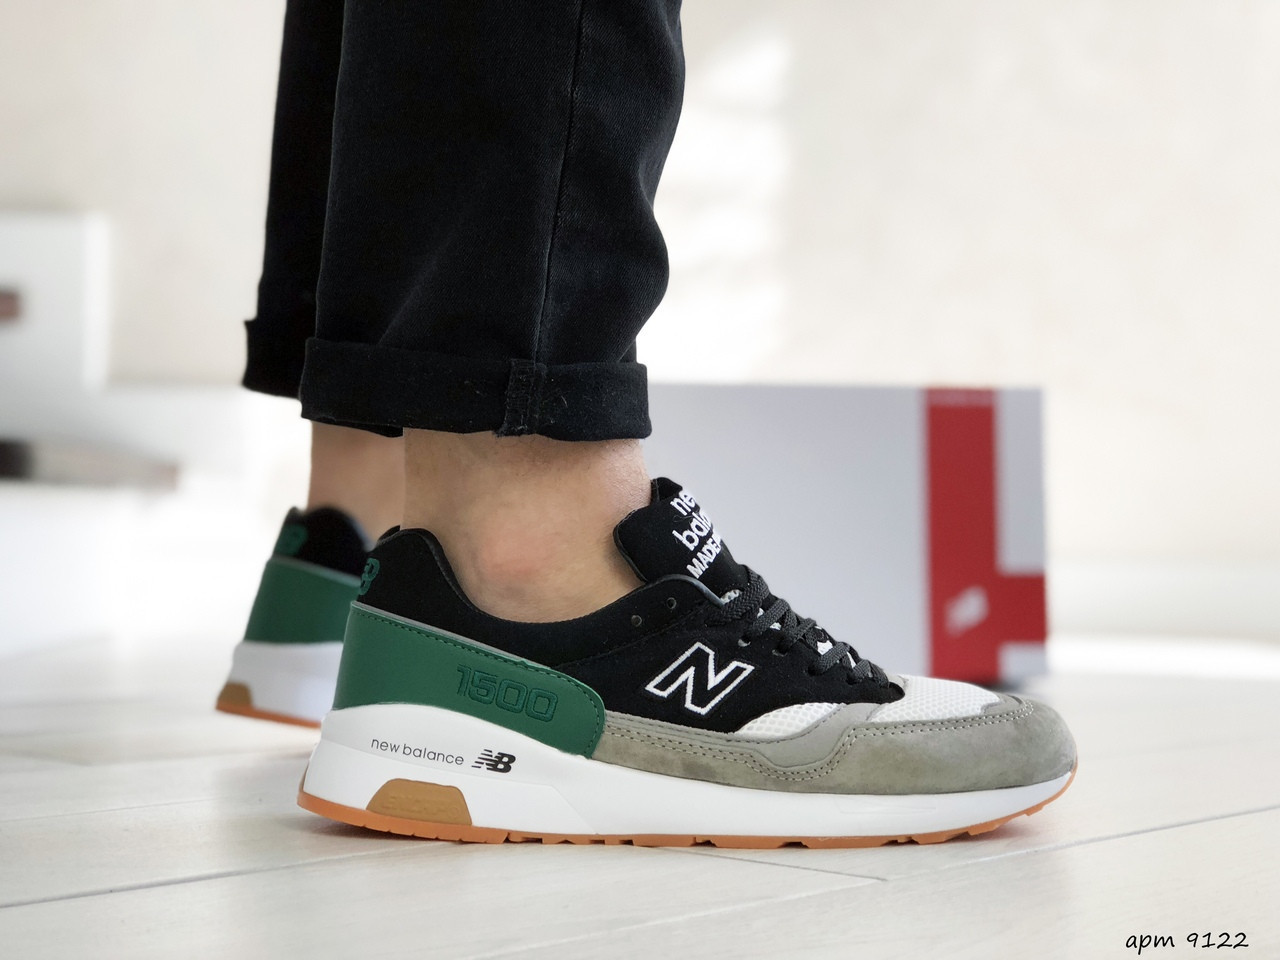 Чоловічі кросівки New Balance 1500 ВЕЛИКОБРИТАНІЯ (чорно-сірі з зеленим) 9122